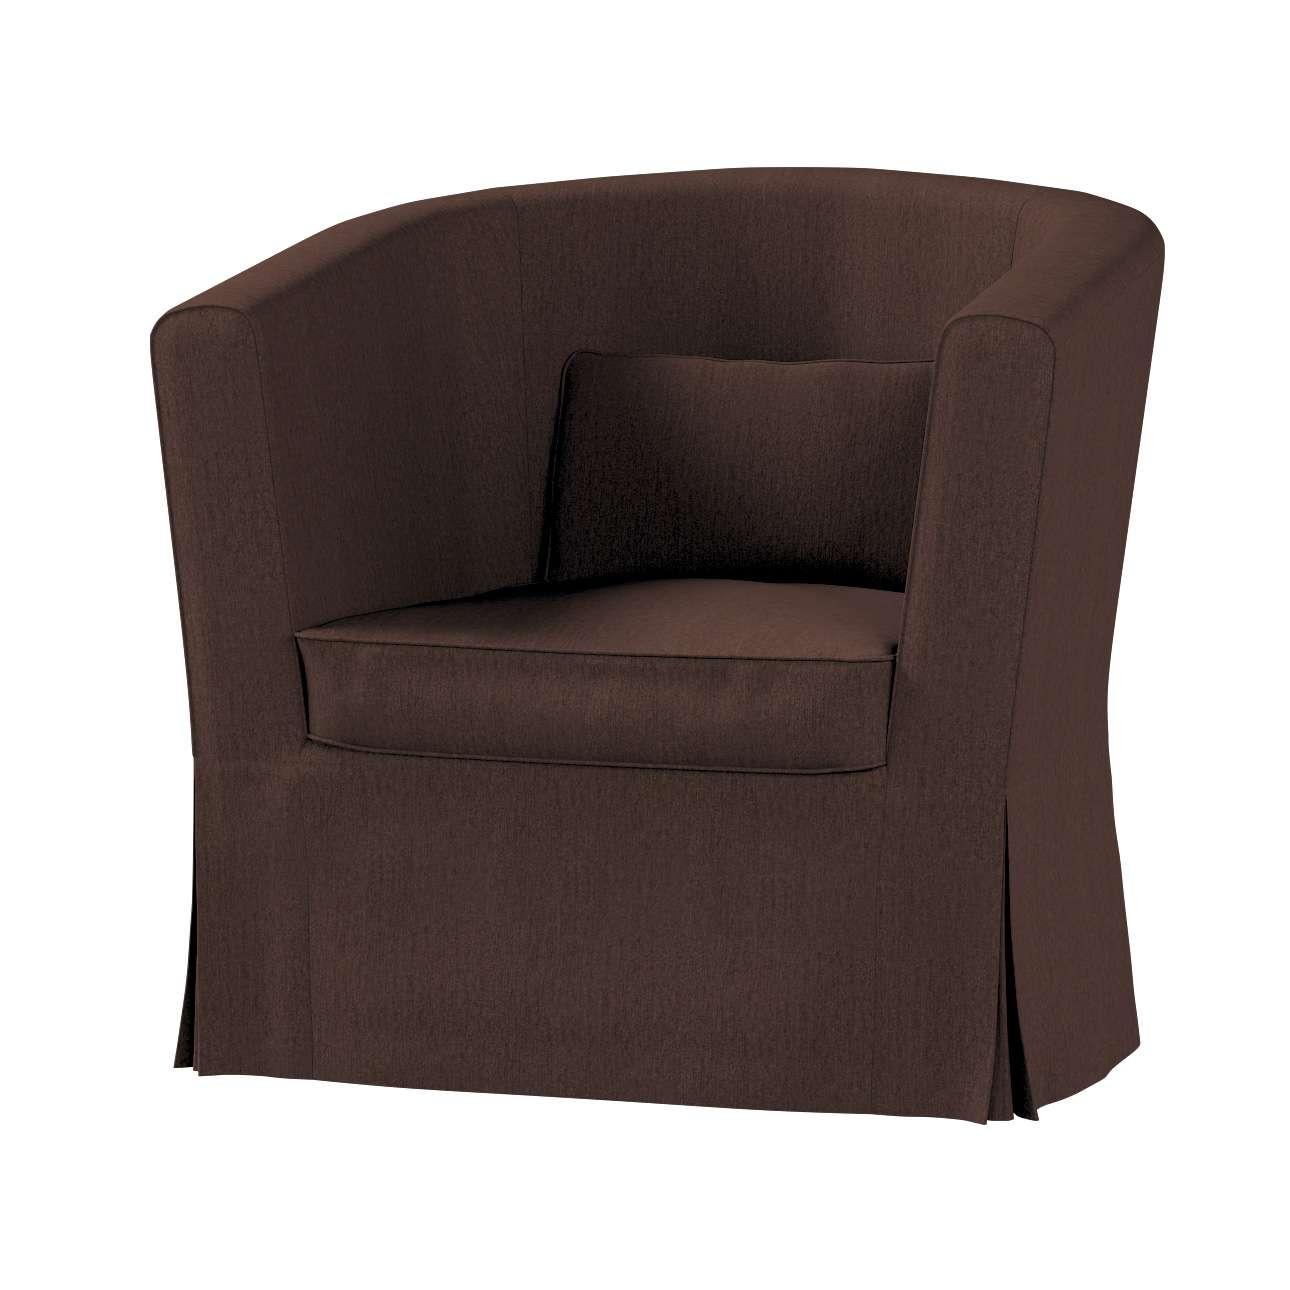 EKTORP TULLSTA fotelio užvalkalas Ektorp Tullsta fotelio užvalkalas kolekcijoje Chenille, audinys: 702-18